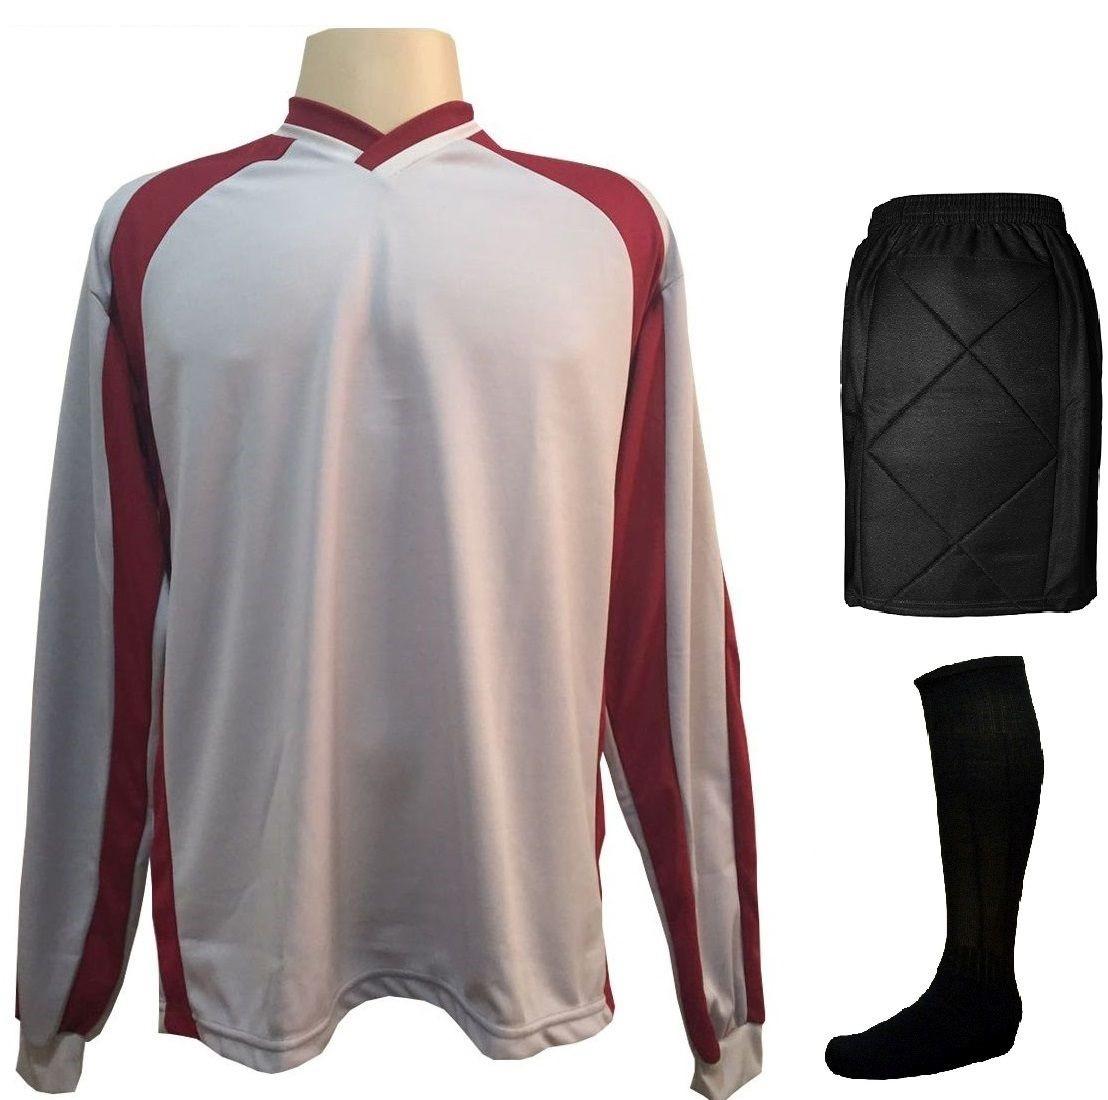 Fardamento Completo modelo Milan 18+1 (18 Camisas Vermelho/Branco + 18 Calções Madrid Royal + 18 Pares de Meiões Royal + 1 Conjunto de Goleiro) + Brindes